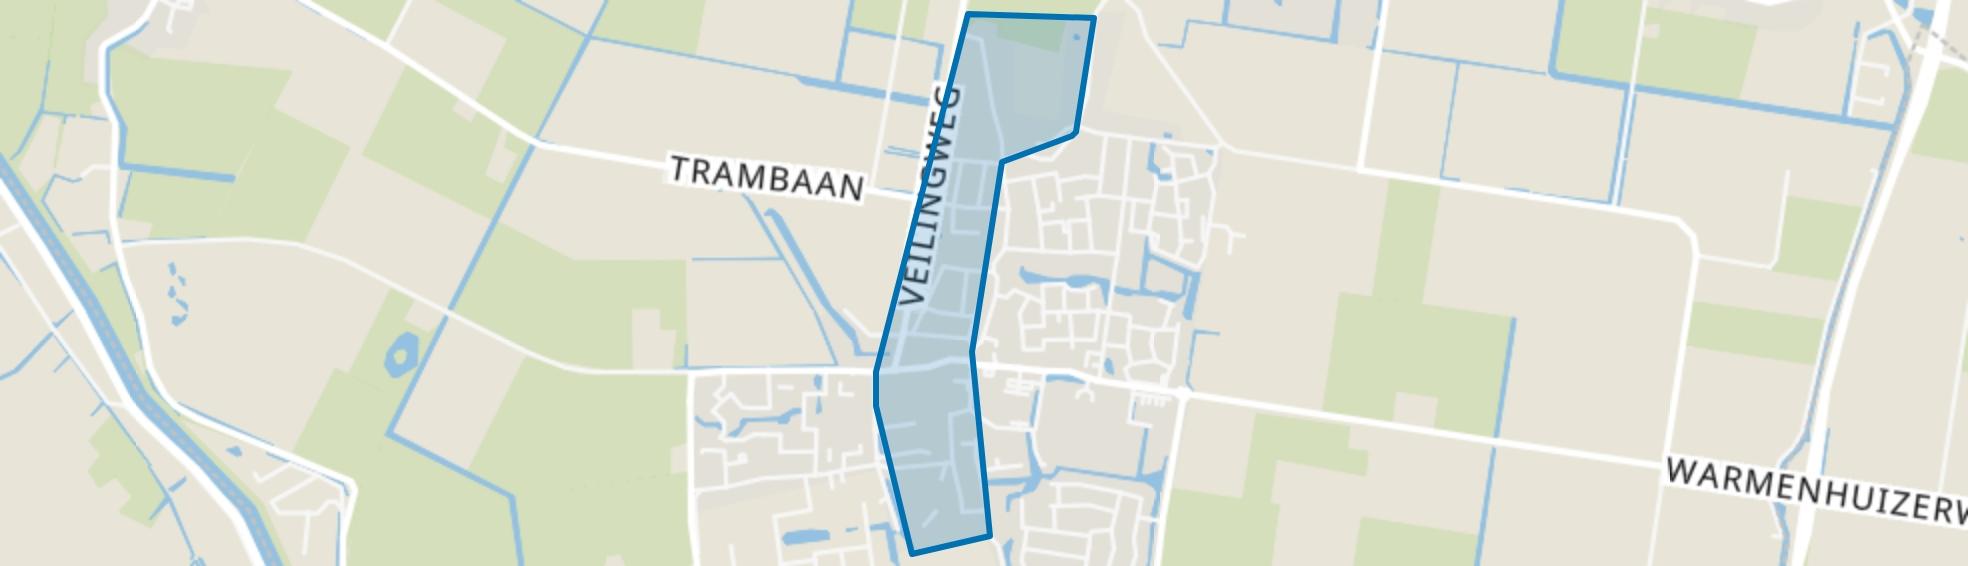 Warmenhuizen-Centrum, Warmenhuizen map